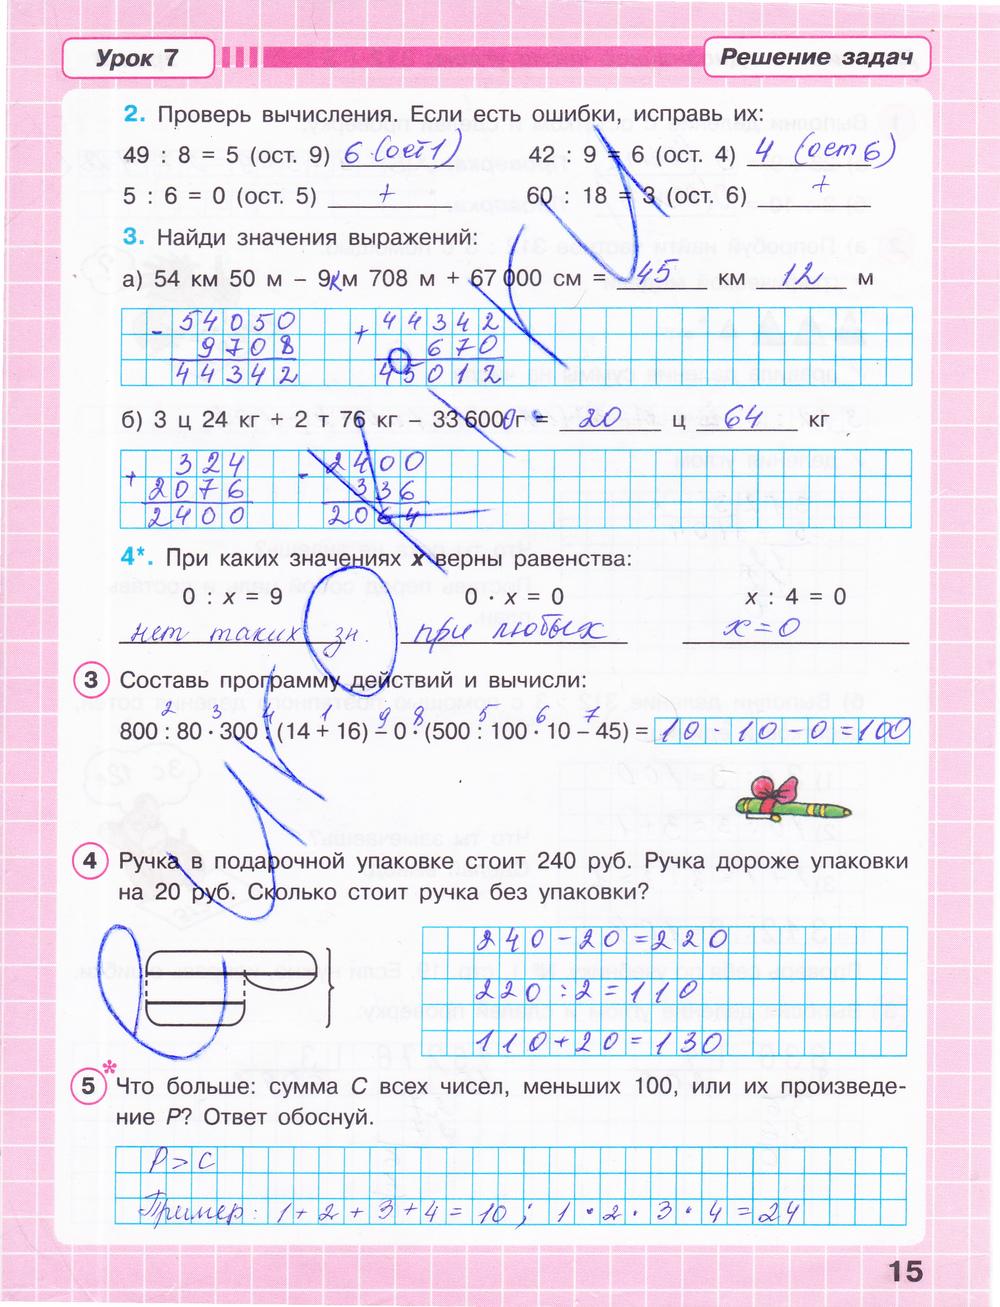 Как решить задачу 6 на странице 12 петерсон 2-й класс